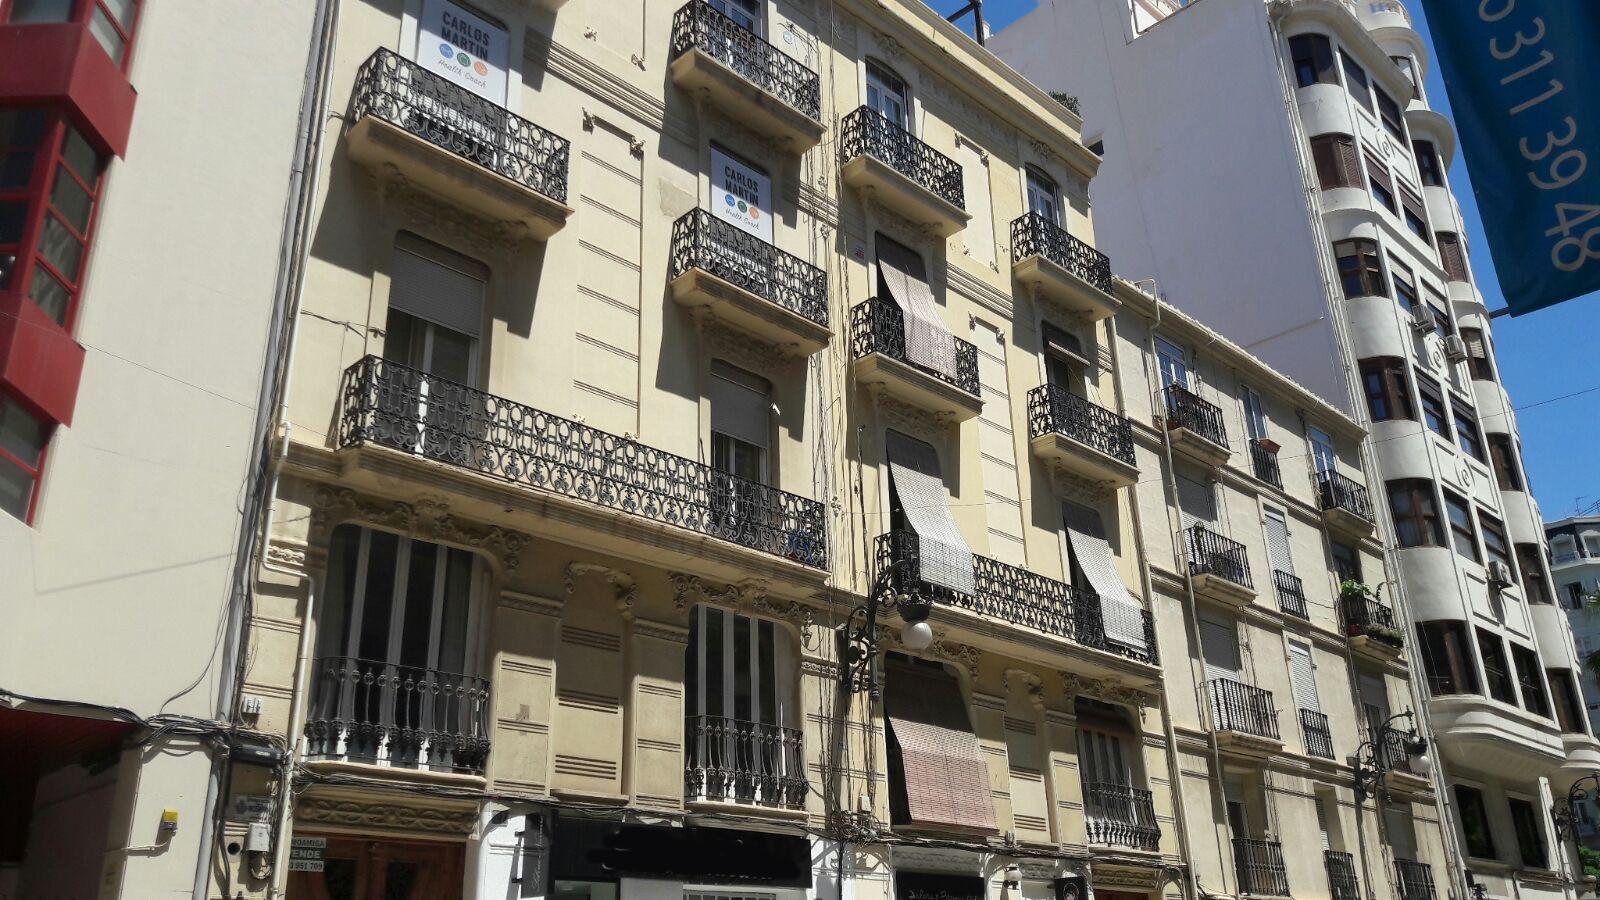 191825 - Piso en venta en Valencia / Piso en Valencia